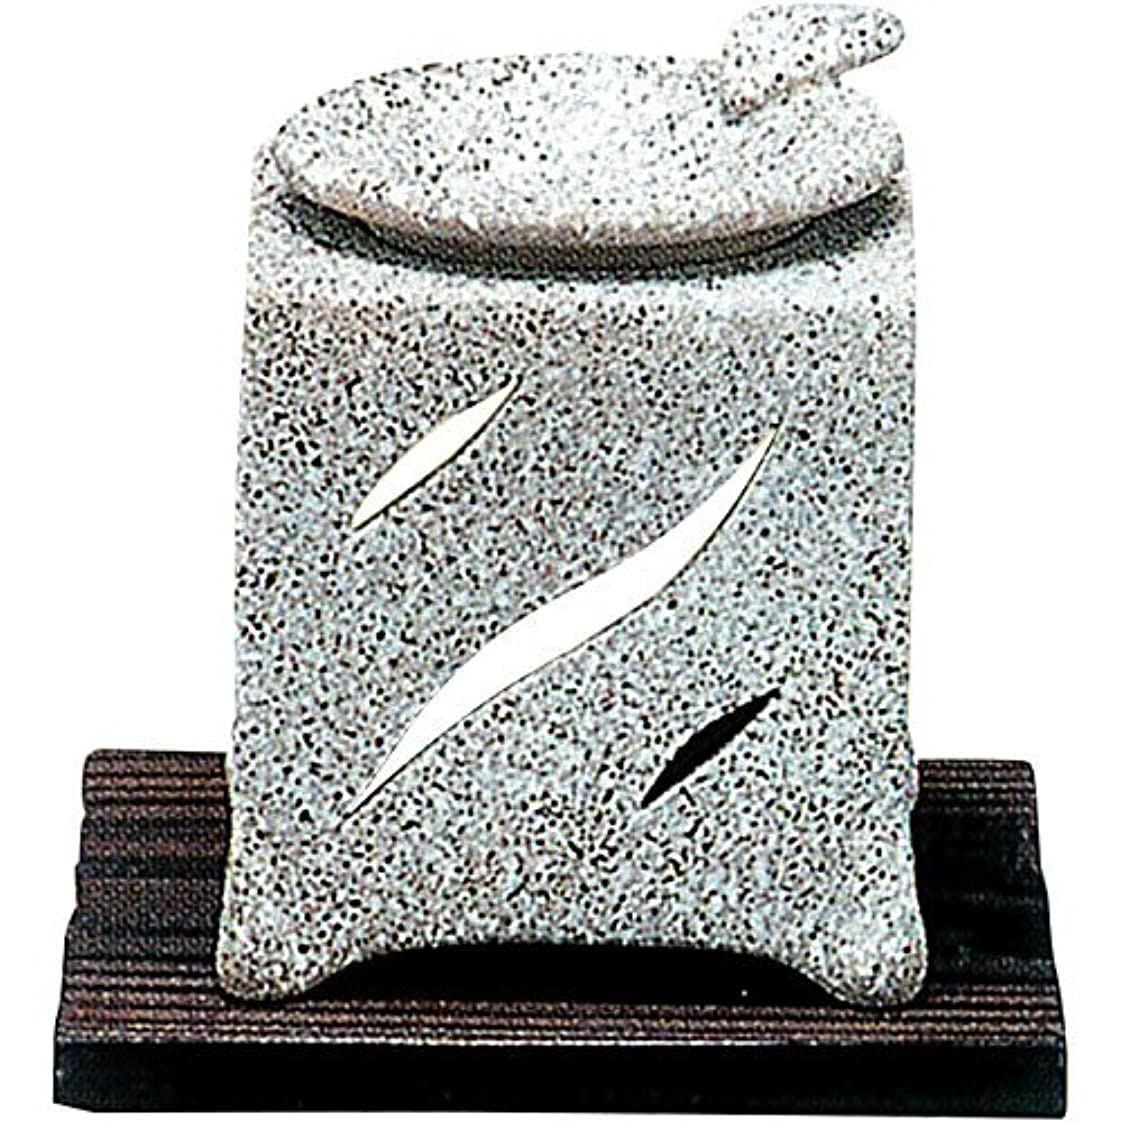 ベッドを作る有名アパル【常滑焼】山房 石風角形茶香炉 石風角形 10×10×H12㎝ 5-261